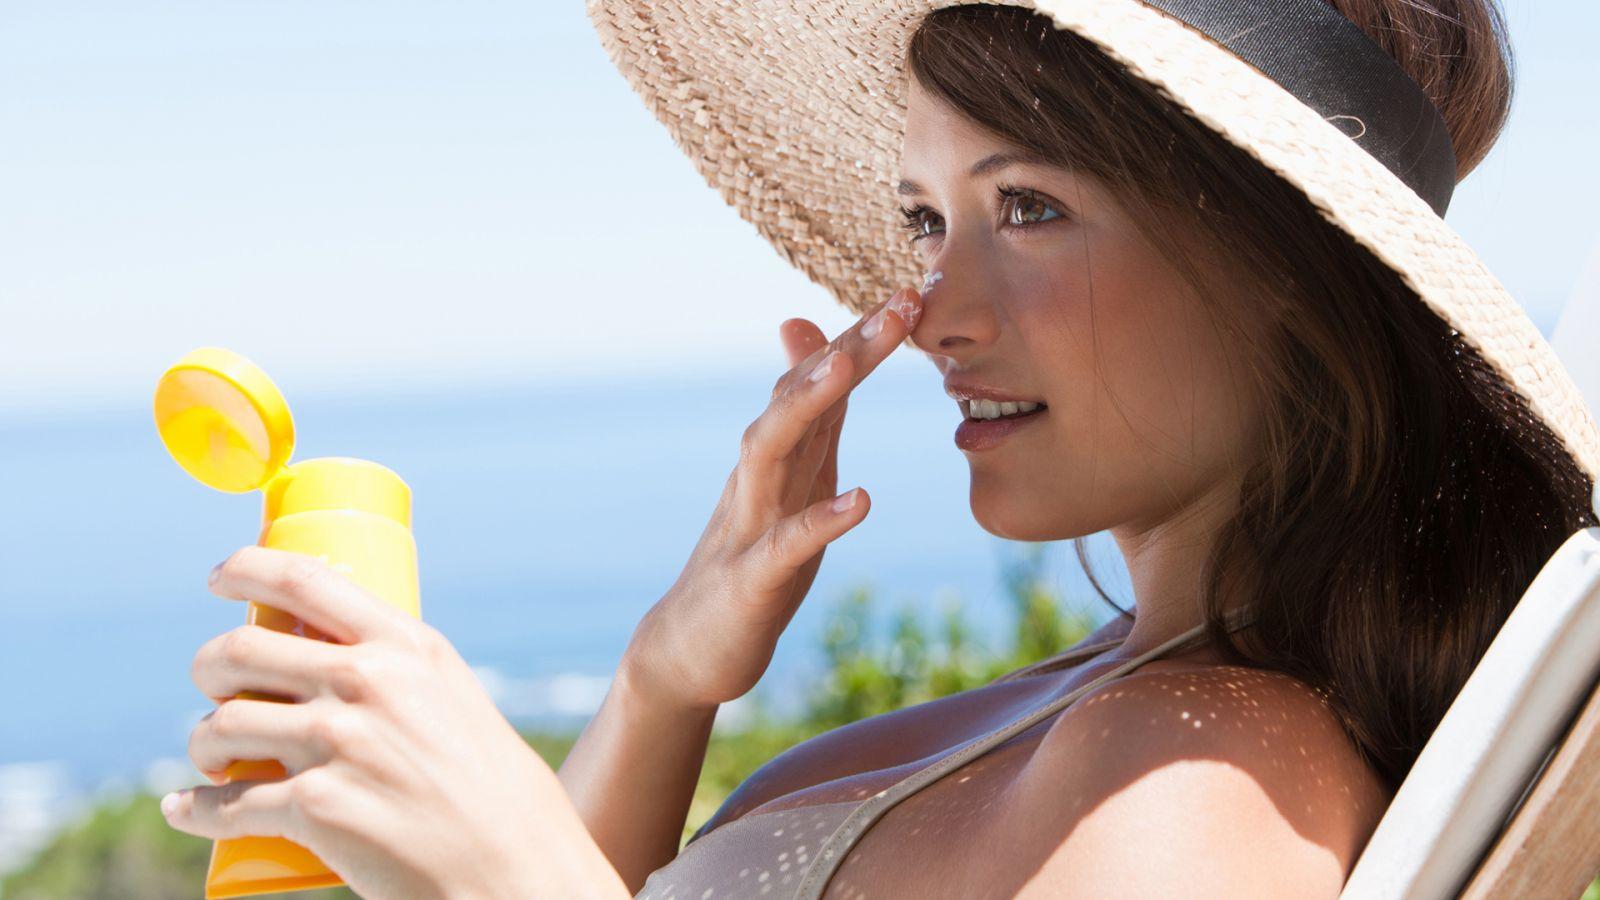 Kem chống nắng bắt buộc trong chăm sóc da mặt chống lão hóa